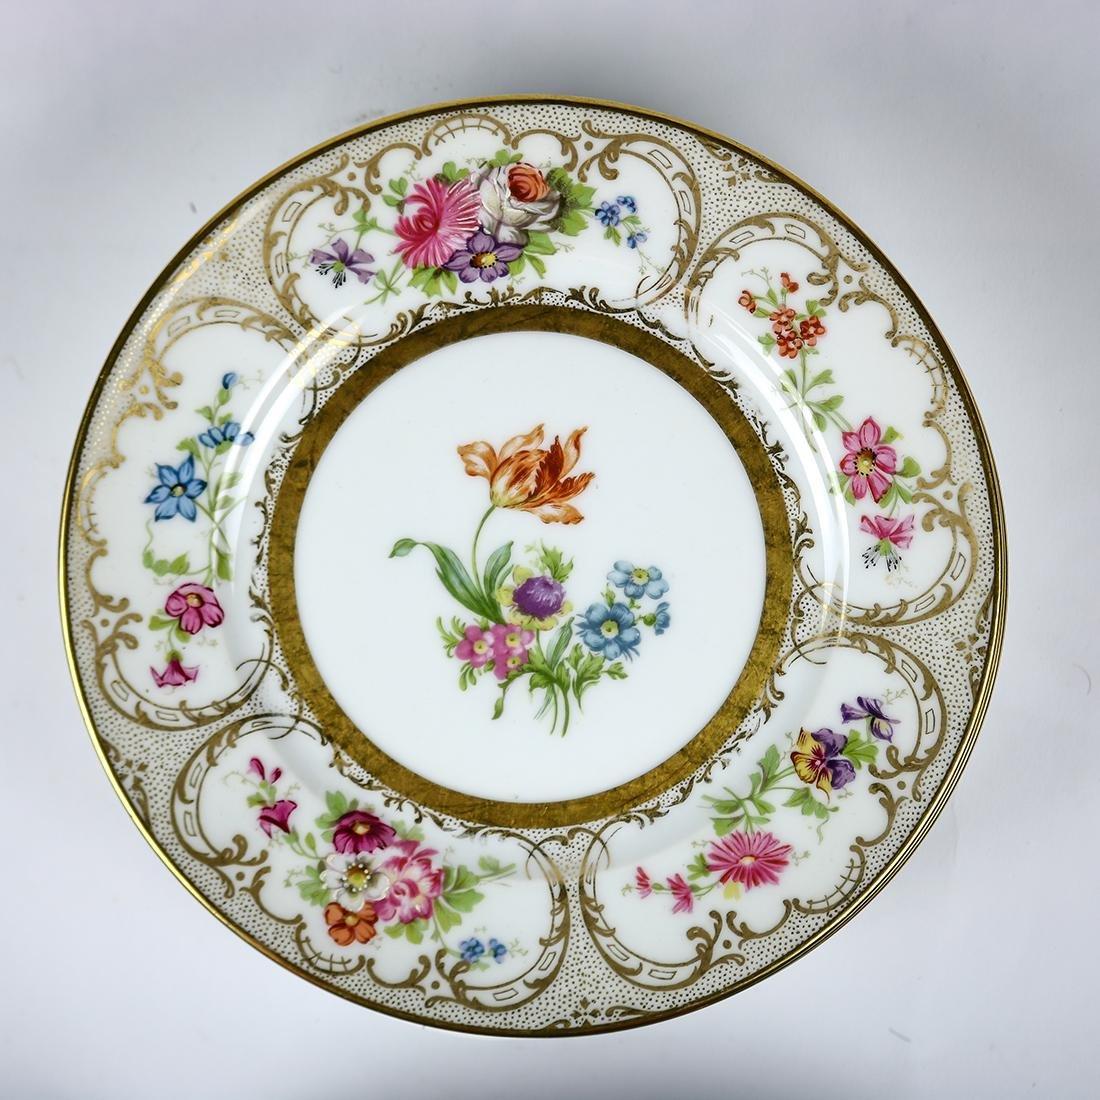 Limoges porcelain dessert plates - 4